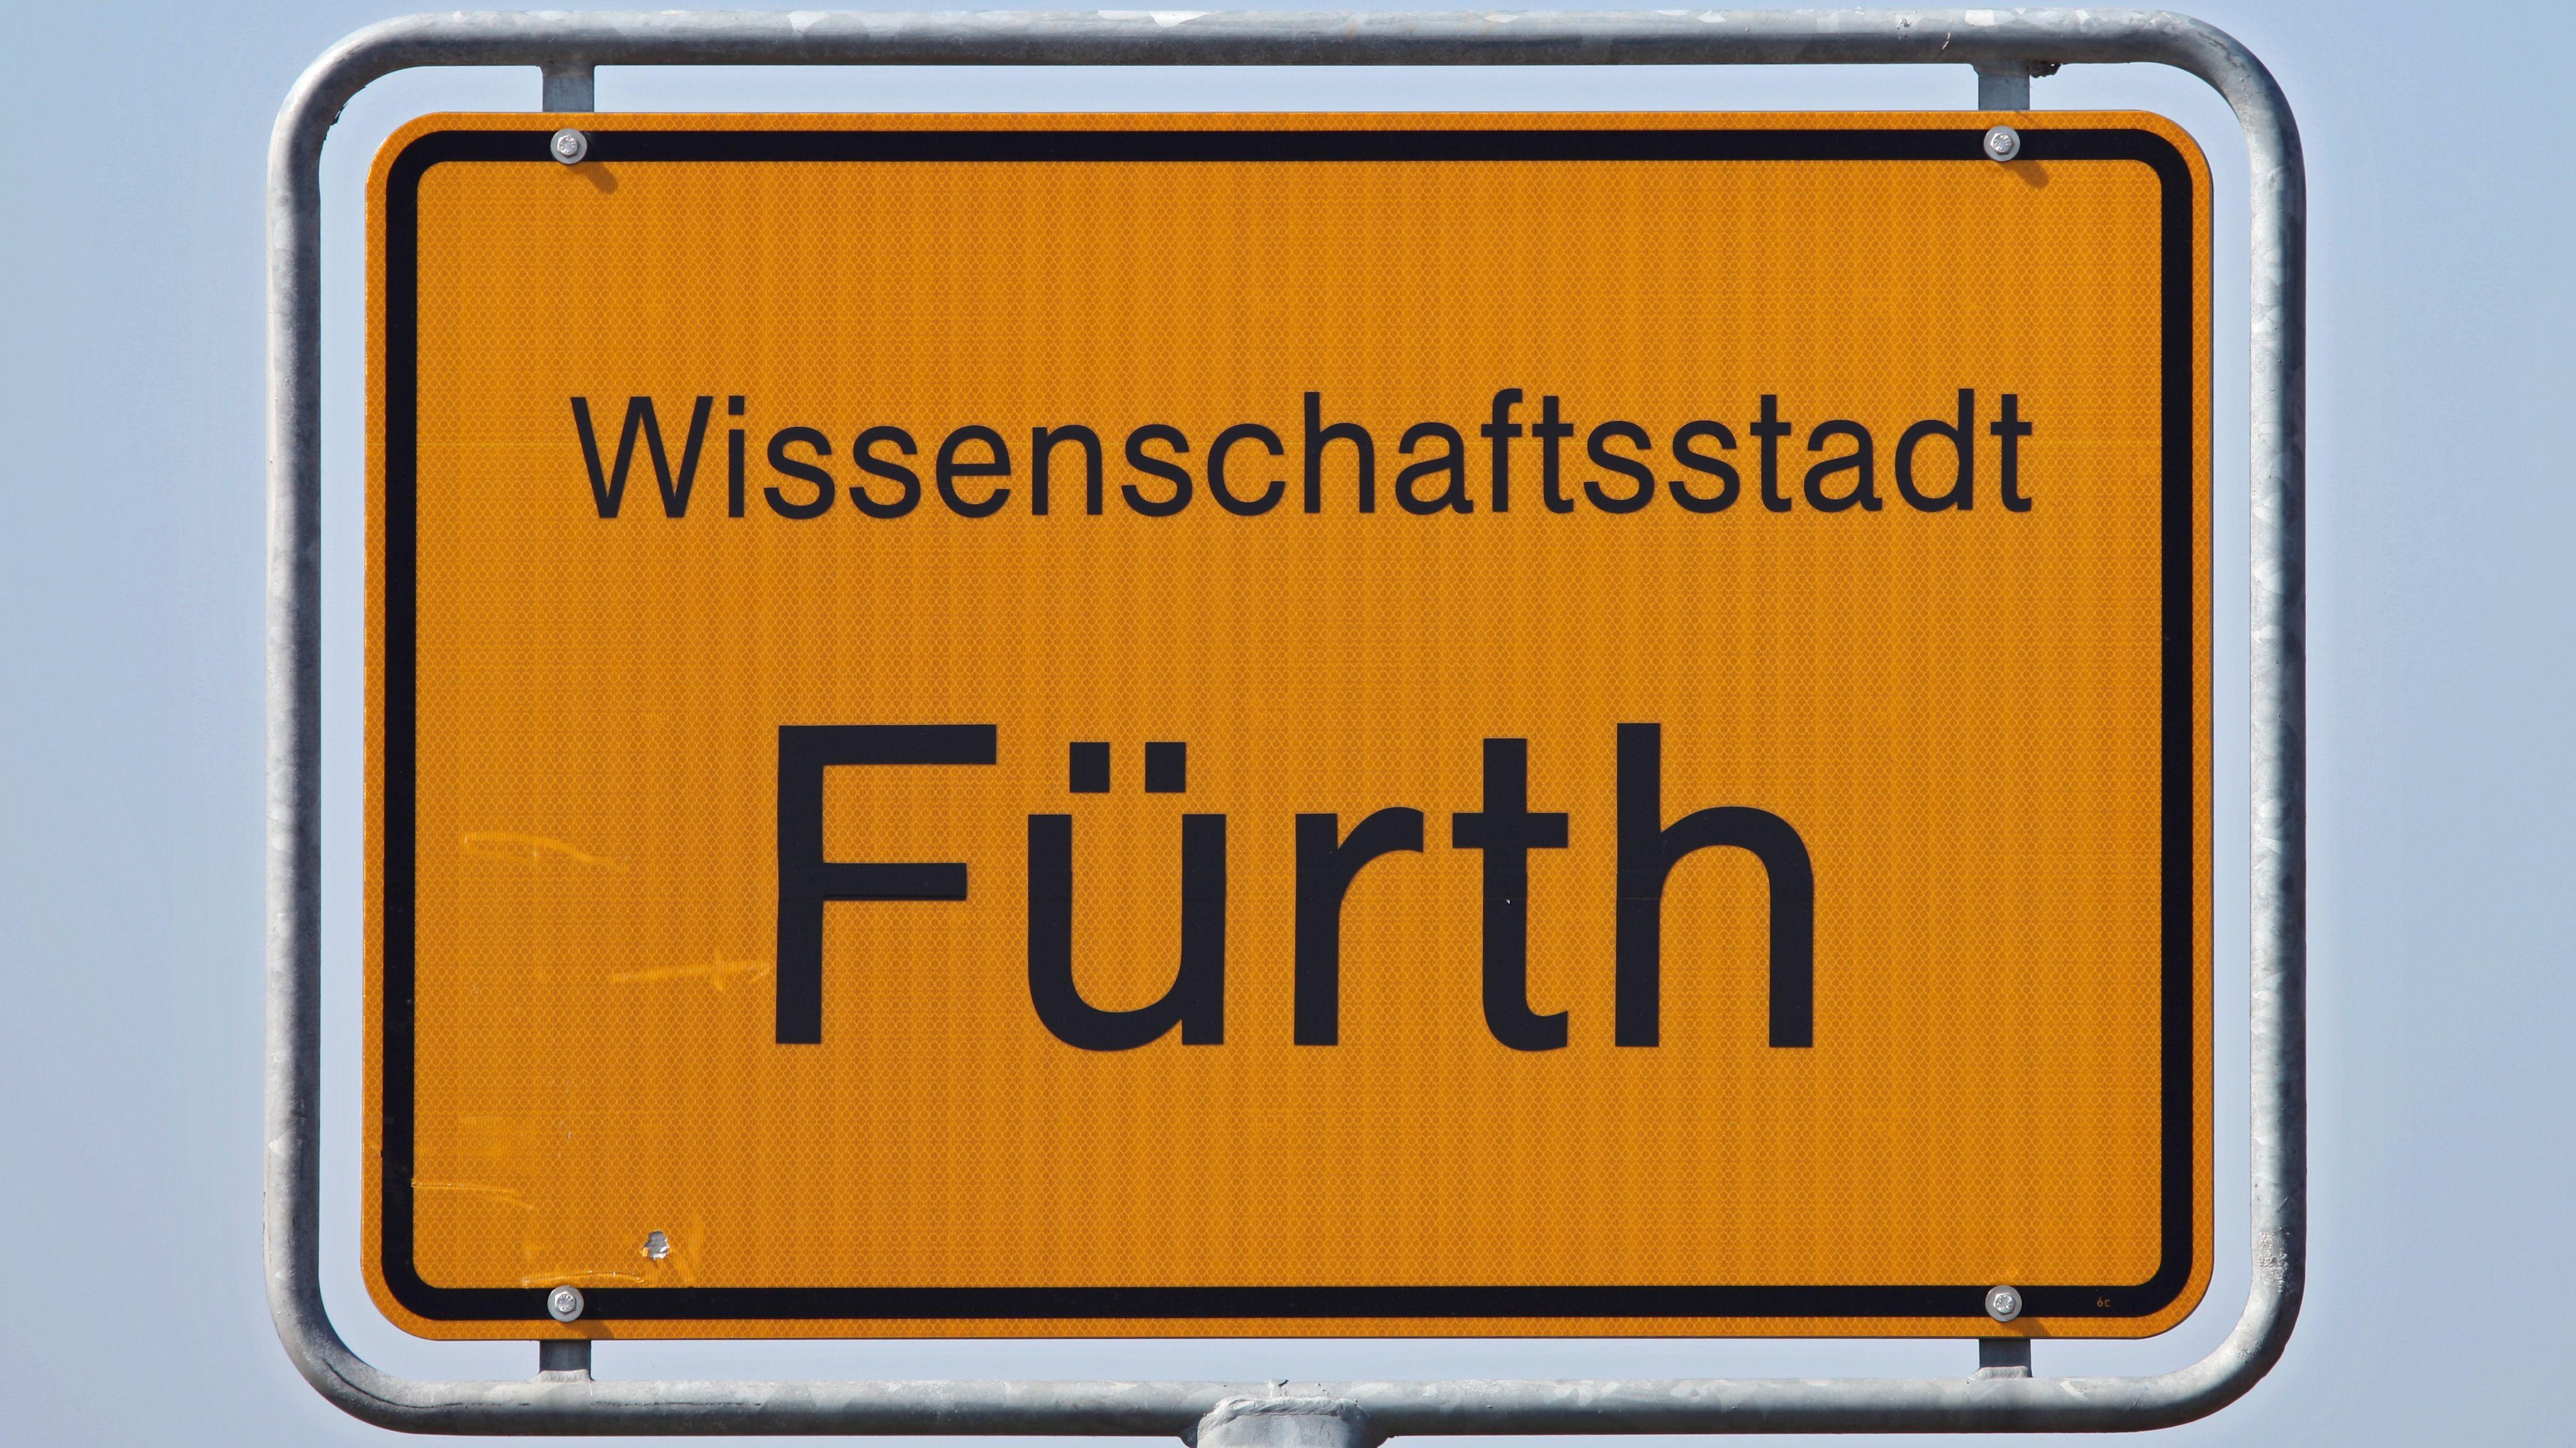 Das Ortsschild der Stadt Fürth in Bayern